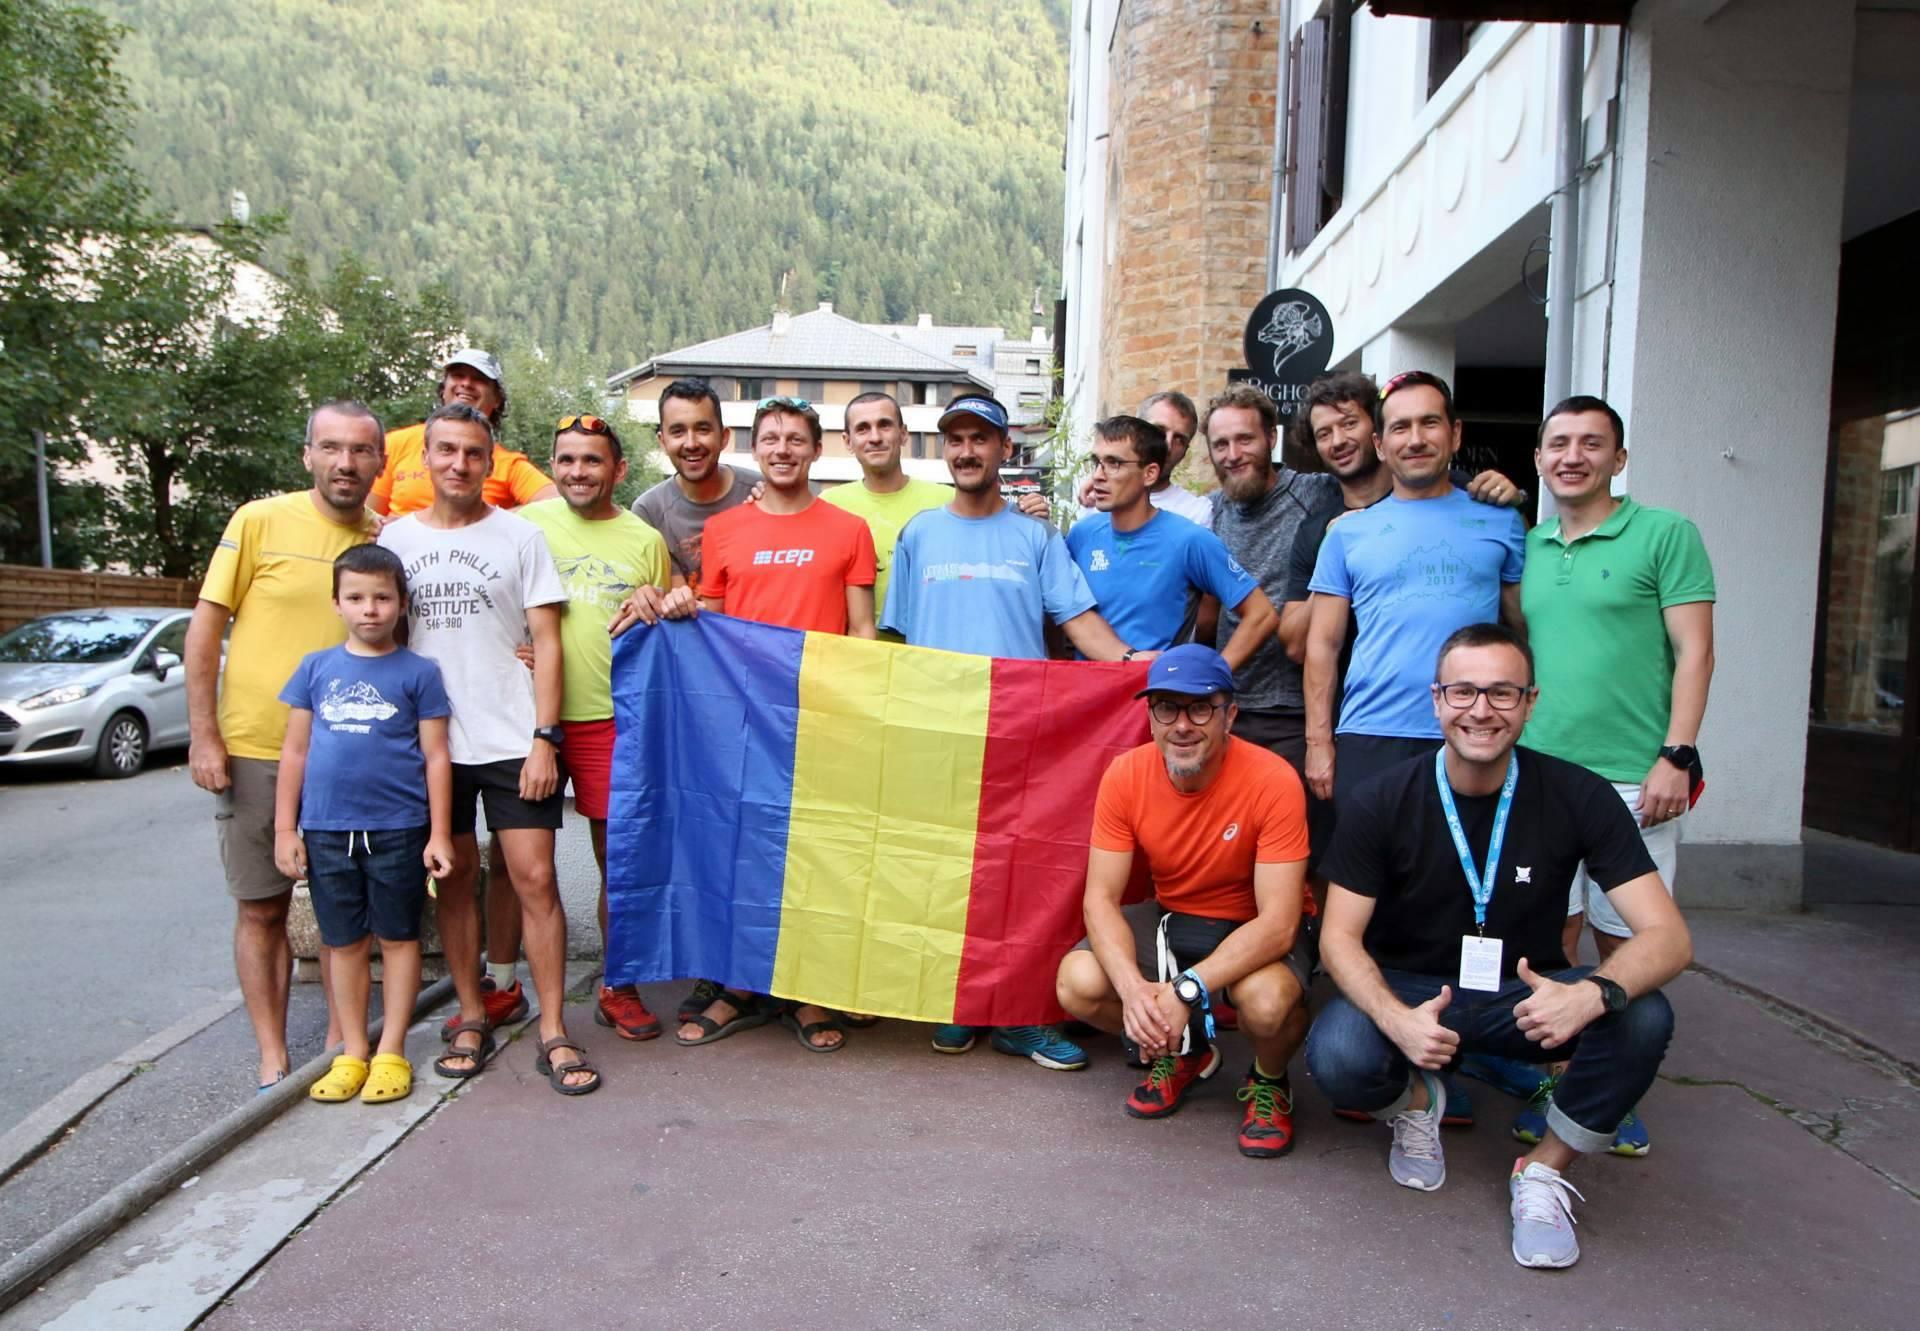 Chamonix UTMB 2017